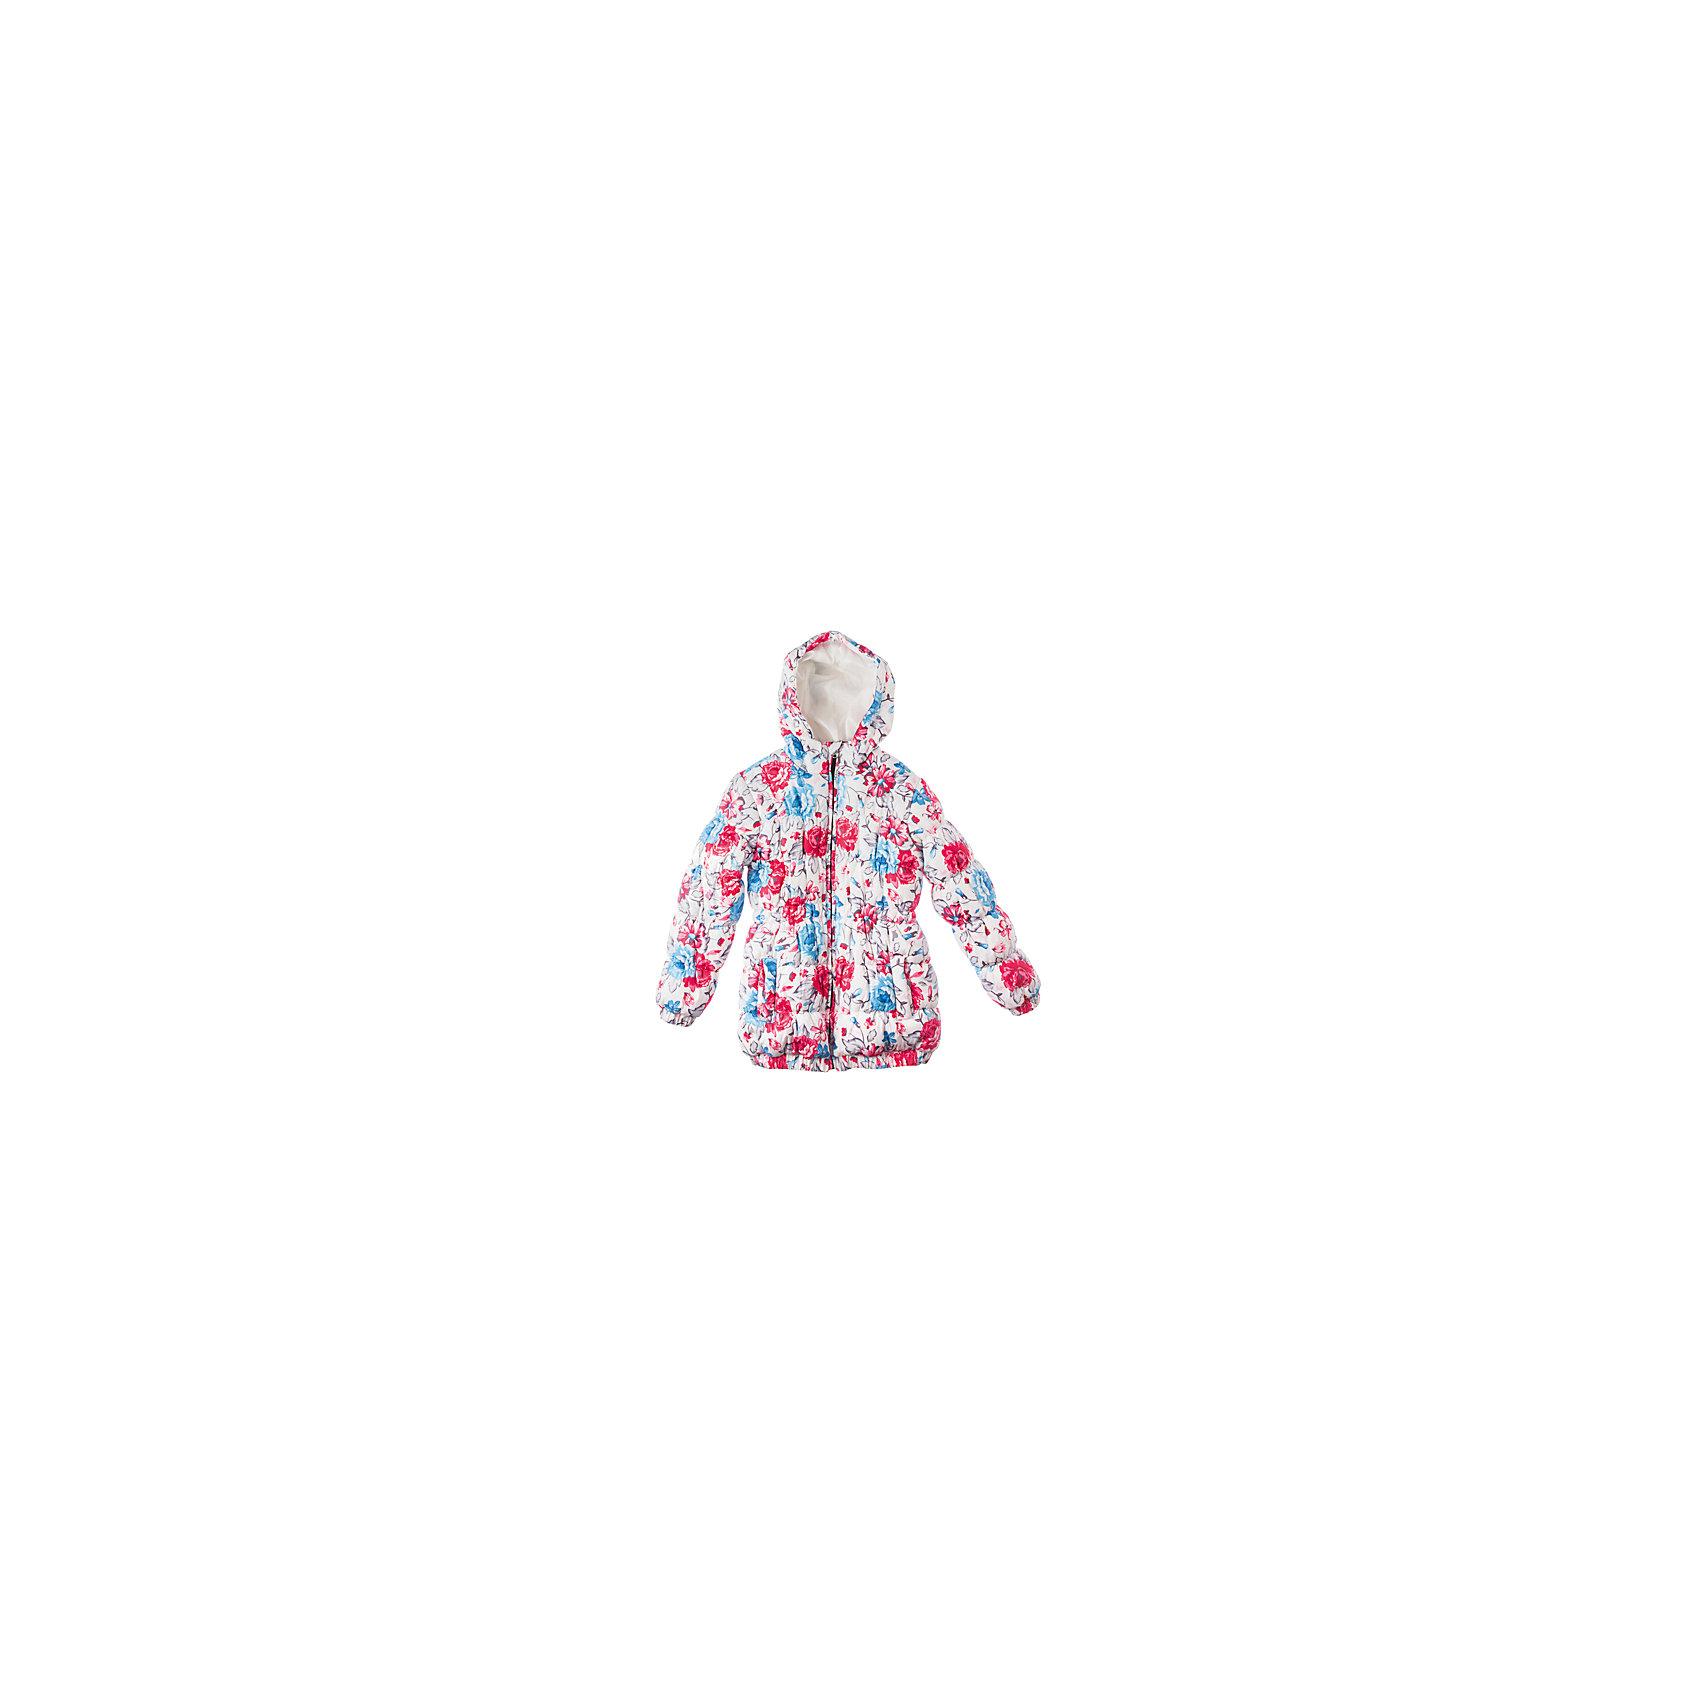 Куртка для девочки PlayTodayВерхняя одежда<br>Куртка для девочки PlayToday Классная длинная куртка из коллекции «Зимний букет». Дополнительно утеплена подкладкой из флиса. Сделана из непромокаемой ткани. Есть два кармана, капюшон втягивается стопорами. Состав: Верх: 100% полиэстер, Подкладка: 100% полиэстер, Наполнитель: 100% полиэстер<br><br>Ширина мм: 356<br>Глубина мм: 10<br>Высота мм: 245<br>Вес г: 519<br>Цвет: белый<br>Возраст от месяцев: 60<br>Возраст до месяцев: 72<br>Пол: Женский<br>Возраст: Детский<br>Размер: 116,110,98,104,122,128<br>SKU: 4228636